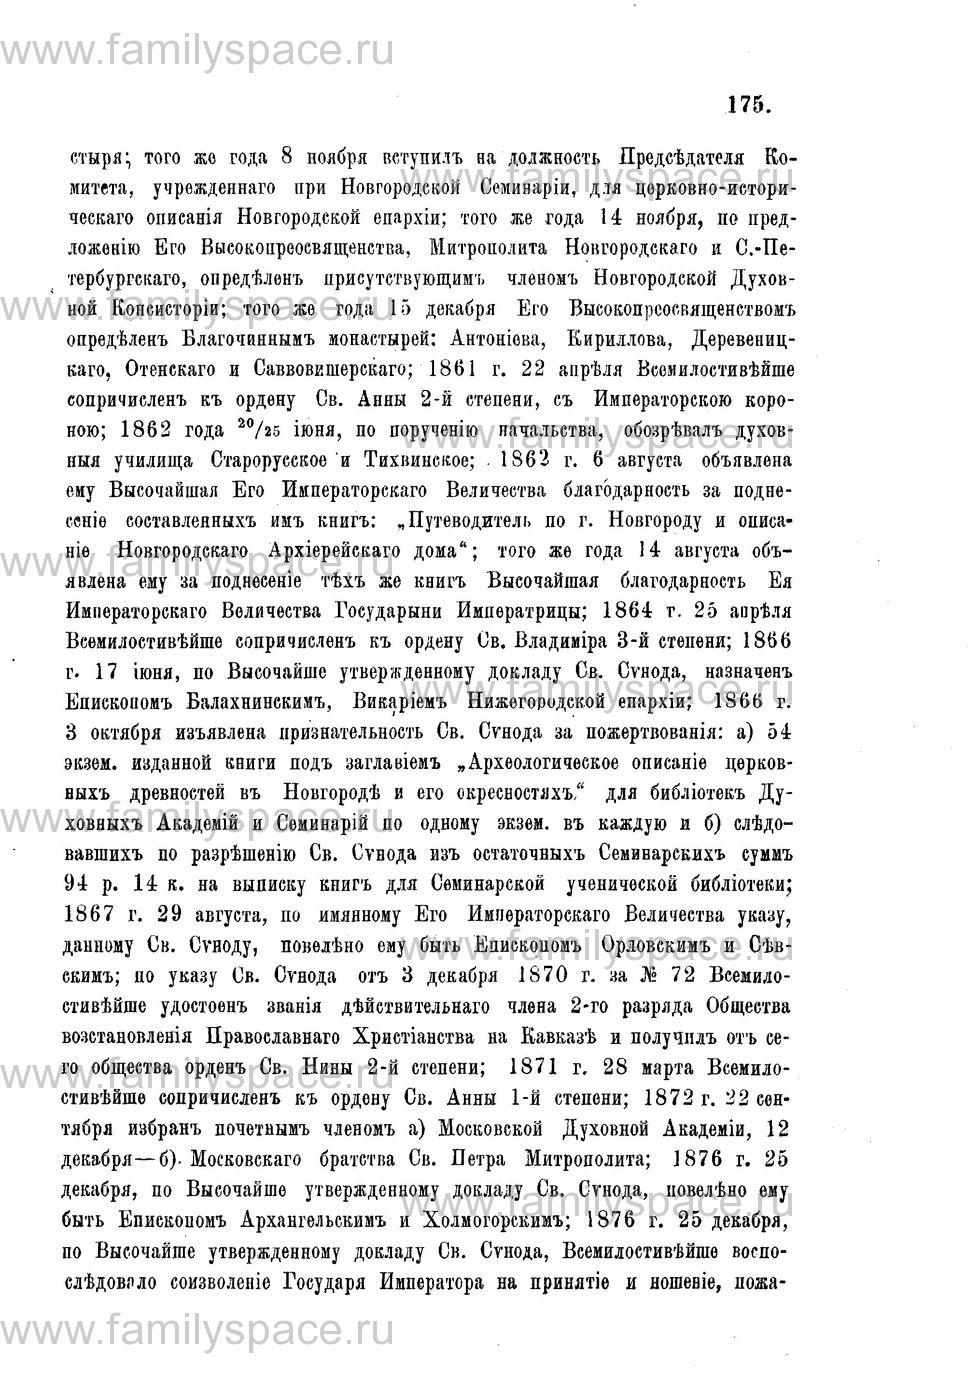 Поиск по фамилии - Адрес-календарь Нижегородской епархии на 1888 год, страница 1175